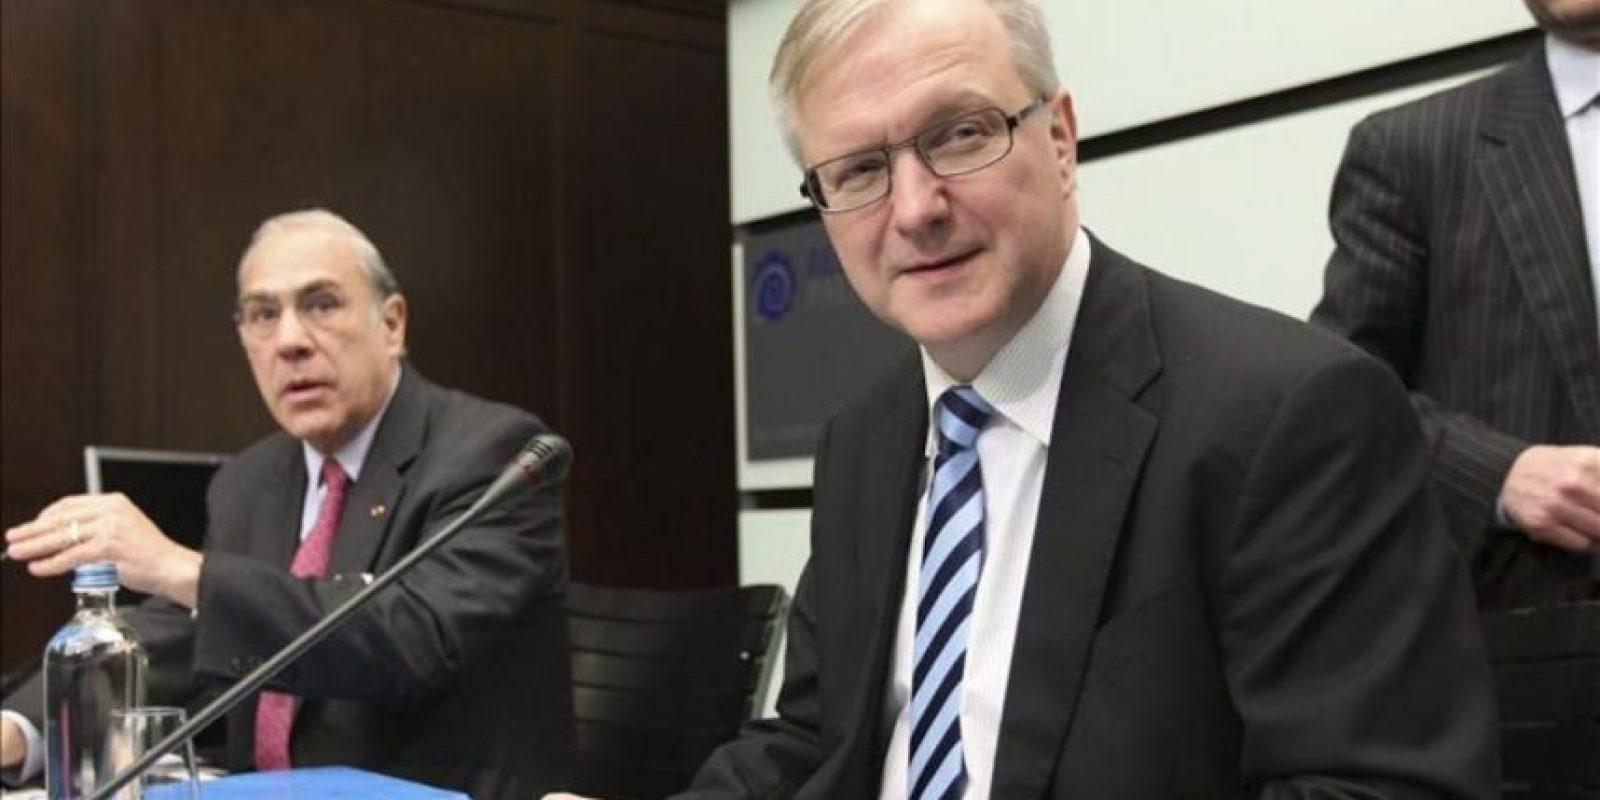 El secretario general de la Organización para la Cooperación y el Desarrollo Económico (OCDE), el mexicano Ángel Gurría (i), y el comisario europeo de Política Económica y Monetaria, el finlandés Olli Rehn, durante la rueda de prensa celebrada para presentar los informes de la organización sobre la situación de la zona euro y del conjunto de la Unión Europea, en Bruselas (Bégica). EFE